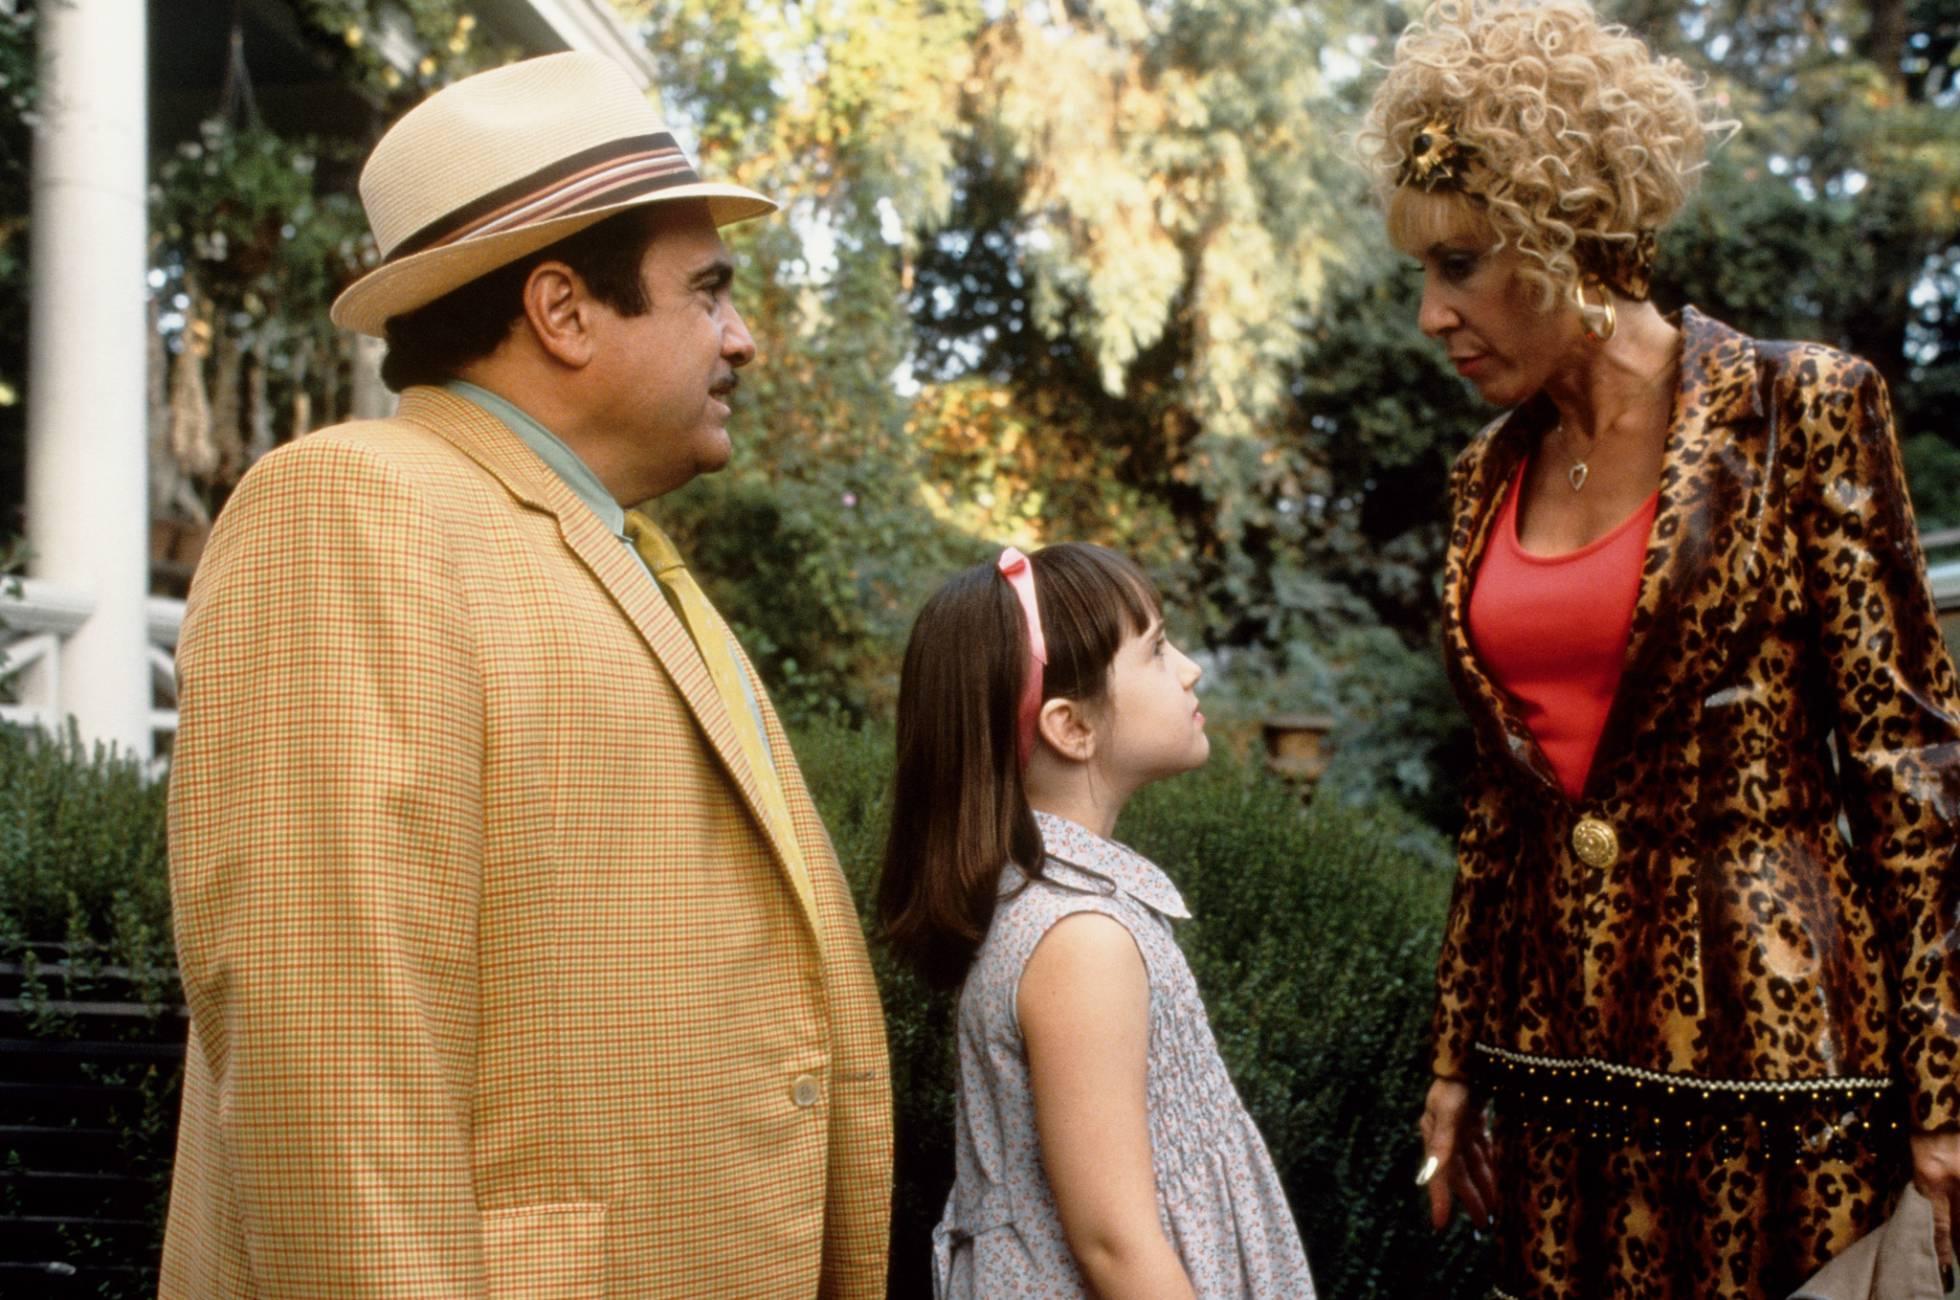 Em 'Matilda' (1996), a criança subre um maltrato psicológico por parte de seu pai estafador e sua mãe hortera.